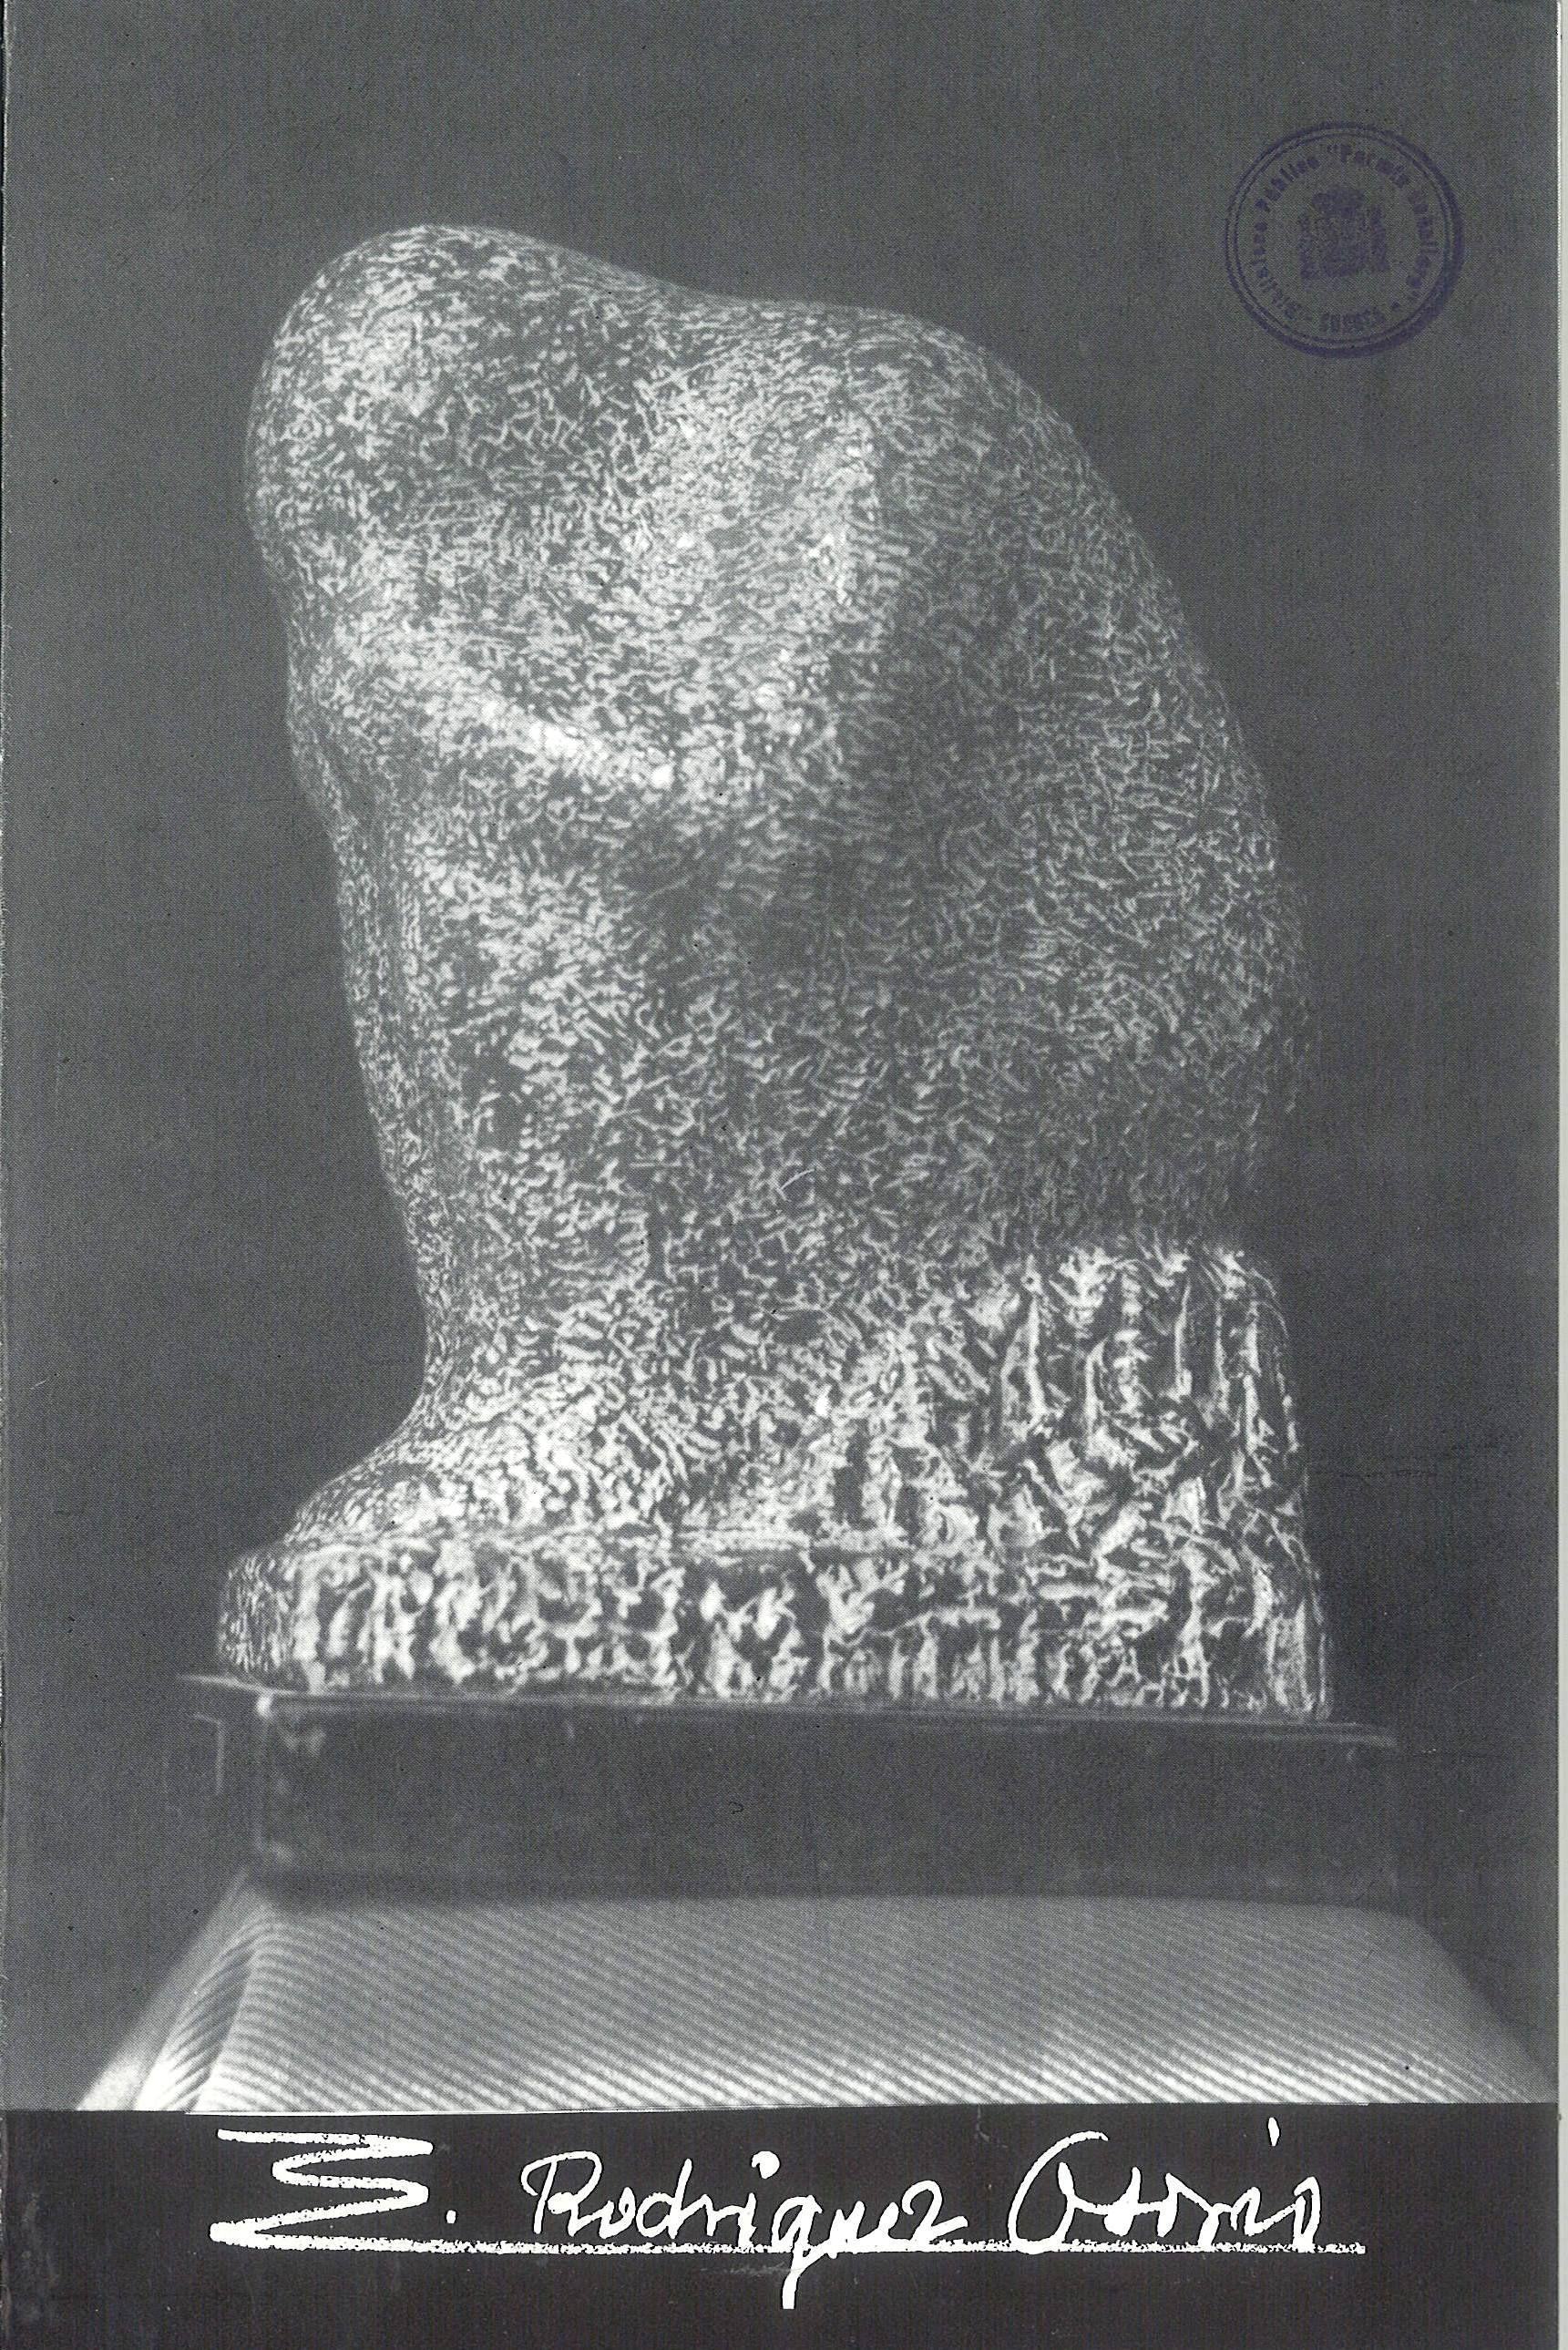 Esculturas de Eduardo Rodríguez Osorio en la Caja de Ahorros de Cuenca y Ciudad Real Junio 1985 #CajaAhorrosCuenca #Cuenca #EduardoRodriguezOsorio